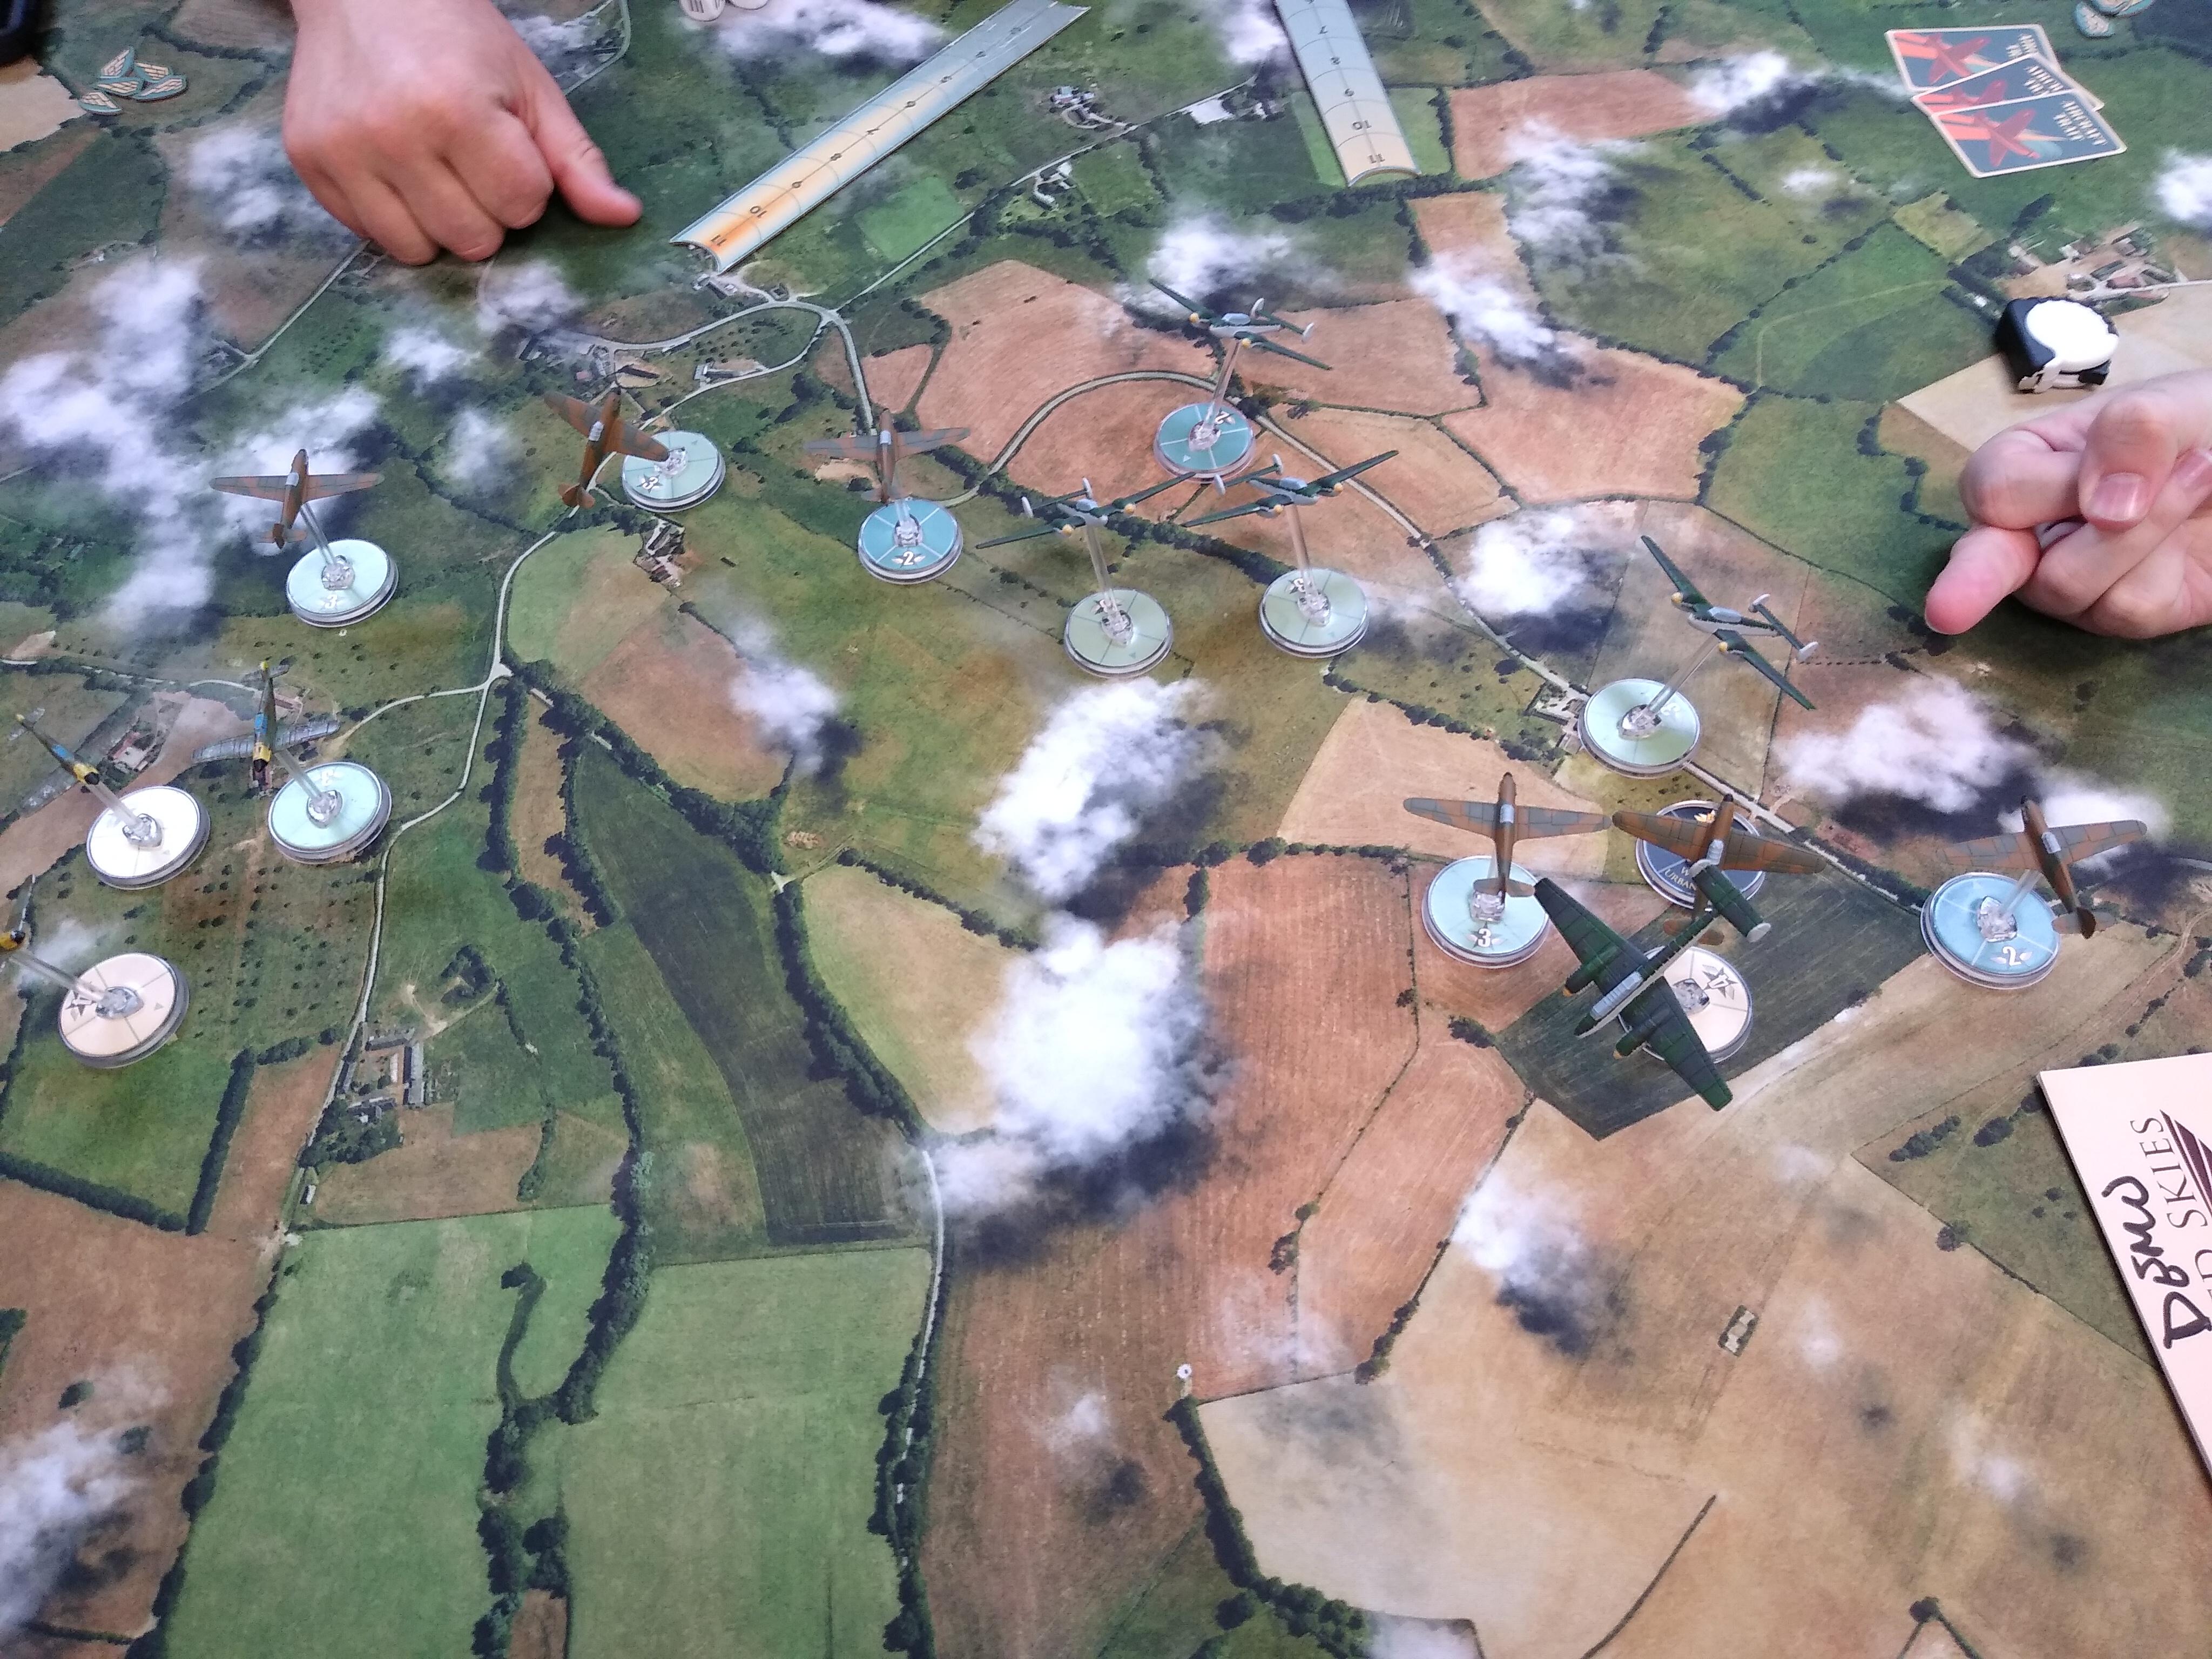 Zemsta Escadrille versus 1st SS Panzer Division Leibstandarte SS Adolf Hitler in an aerial engagement